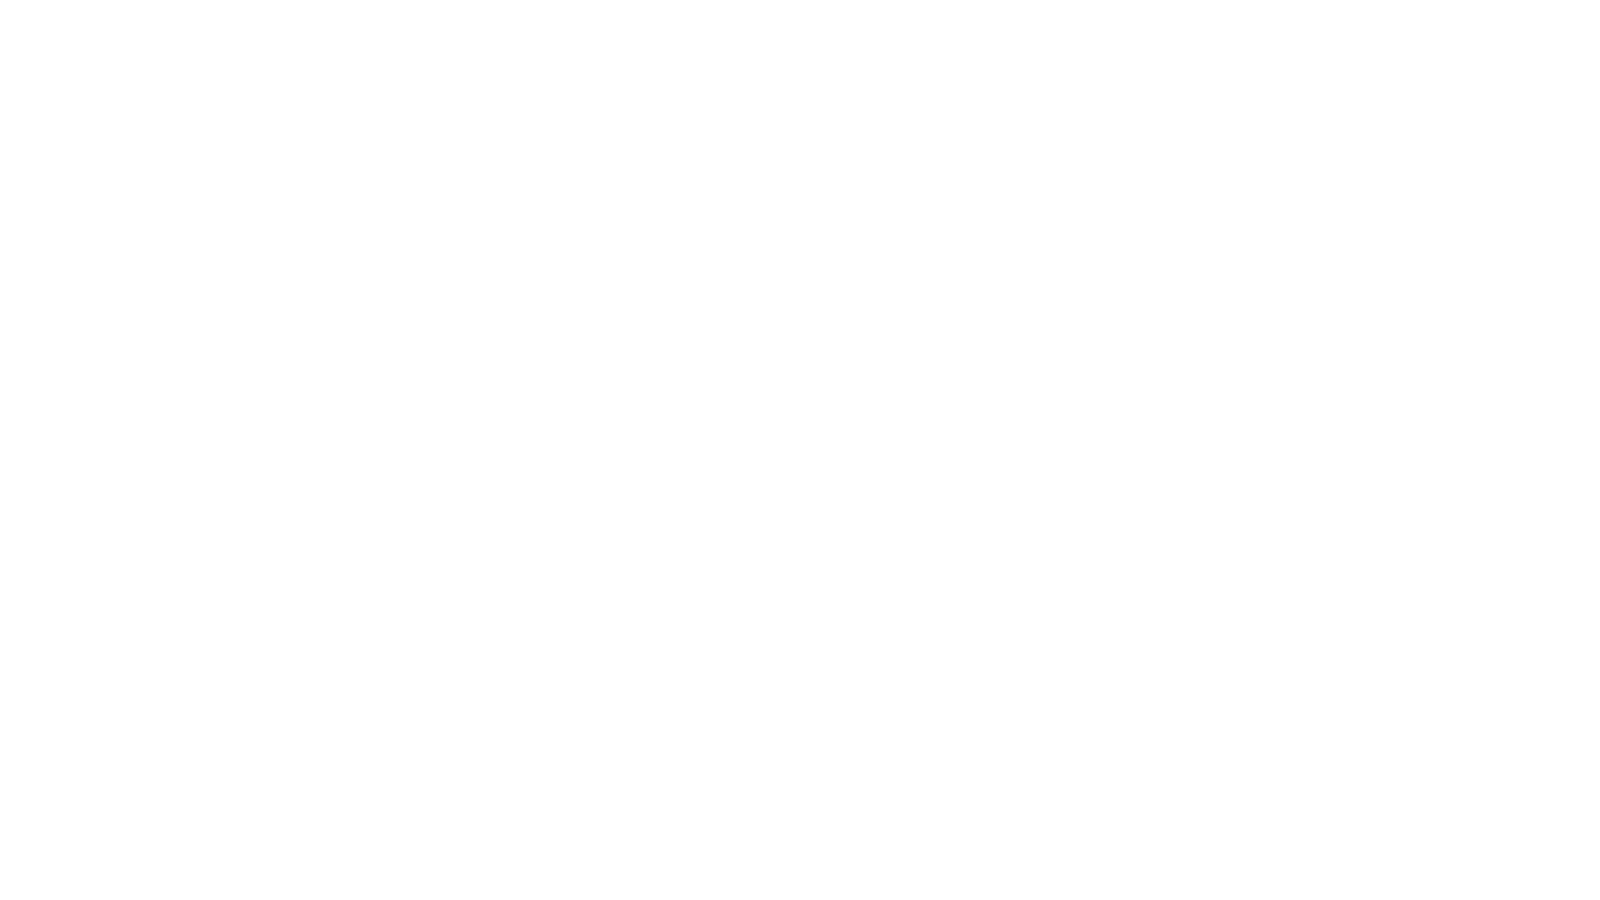 🔴Puedes descargar Quantfury, es la APP que uso activamente para hacer trading desde hace +2 años https://onelink.to/quantfury y puedes recibir 100% GRATIS una acción de una empresa como American Airlines, Uber, Apple o directamente Bitcoin o Ethereum por valor de hasta $250 cuando uses mi código de invitación: Y6TWZ8G4  Curso de trading Profesional: https://bitcoinsinfrontera.com/cursos  Servicio de señales para invertir con nuestra comunidad: www.bitcoinsinfrontera.com/serviciopro  Bitcoin HOY / BTC hoy  ⚠️Como comprar BITCOIN y no perder dinero: https://bit.ly/3lnTGzY  ⭕️Síguenos también en:  INSTAGRAM: https://www.instagram.com/btcsinfronteras/  FACEBOOK: https://www.facebook.com/BitcoinSF/    🆘¡ATENCIÓN! El equipo de BTC Sin Fronteras no se hace responsable por pérdidas de capital consecuentes de inversiones en criptomonedas. No somos asesores financieros, solo compartimos nuestra opinión basada en investigaciones especulativas. Recomendamos que cada persona haga su investigación respectiva a la hora de realizar cualquier tipo de inversión.  ¿Qué es el bitcoins y cómo funciona? ¿Cómo se puede obtener bitcoins? ¿Cuánto cuesta 1 Bitcoin 2020 2021? ¿Cómo puedo ganar bitcoins gratis? ¿Cómo cambiar los bitcoins por dinero? ¿Cómo invertir en bitcoins de forma segura? ¿Cómo ganar bitcoins por Internet? ¿Dónde puedo comprar bitcoins en España? ¿Cuánto sale 1 Bitcoin en Argentina? ¿Dónde puedo comprar bitcoins en Venezuela? ¿Cuál ha sido el precio máximo del Bitcoin? ¿Cómo crear una cuenta Bitcoin en Venezuela? ¿Dónde puedo cambiar mis bitcoins? ¿Cómo sacar el dinero de Binance? ¿Cómo ganar con Bitcoin 2020? ¿Cuál es la mejor aplicación para Bitcoin? ¿Dónde comprar bitcoins más baratos? ¿Dónde puedo comprar bitcoins en USA? ¿Cómo comprar bitcoins en Binance? ¿Qué pasa si Bitcoin cae?   #BitcoinHoy